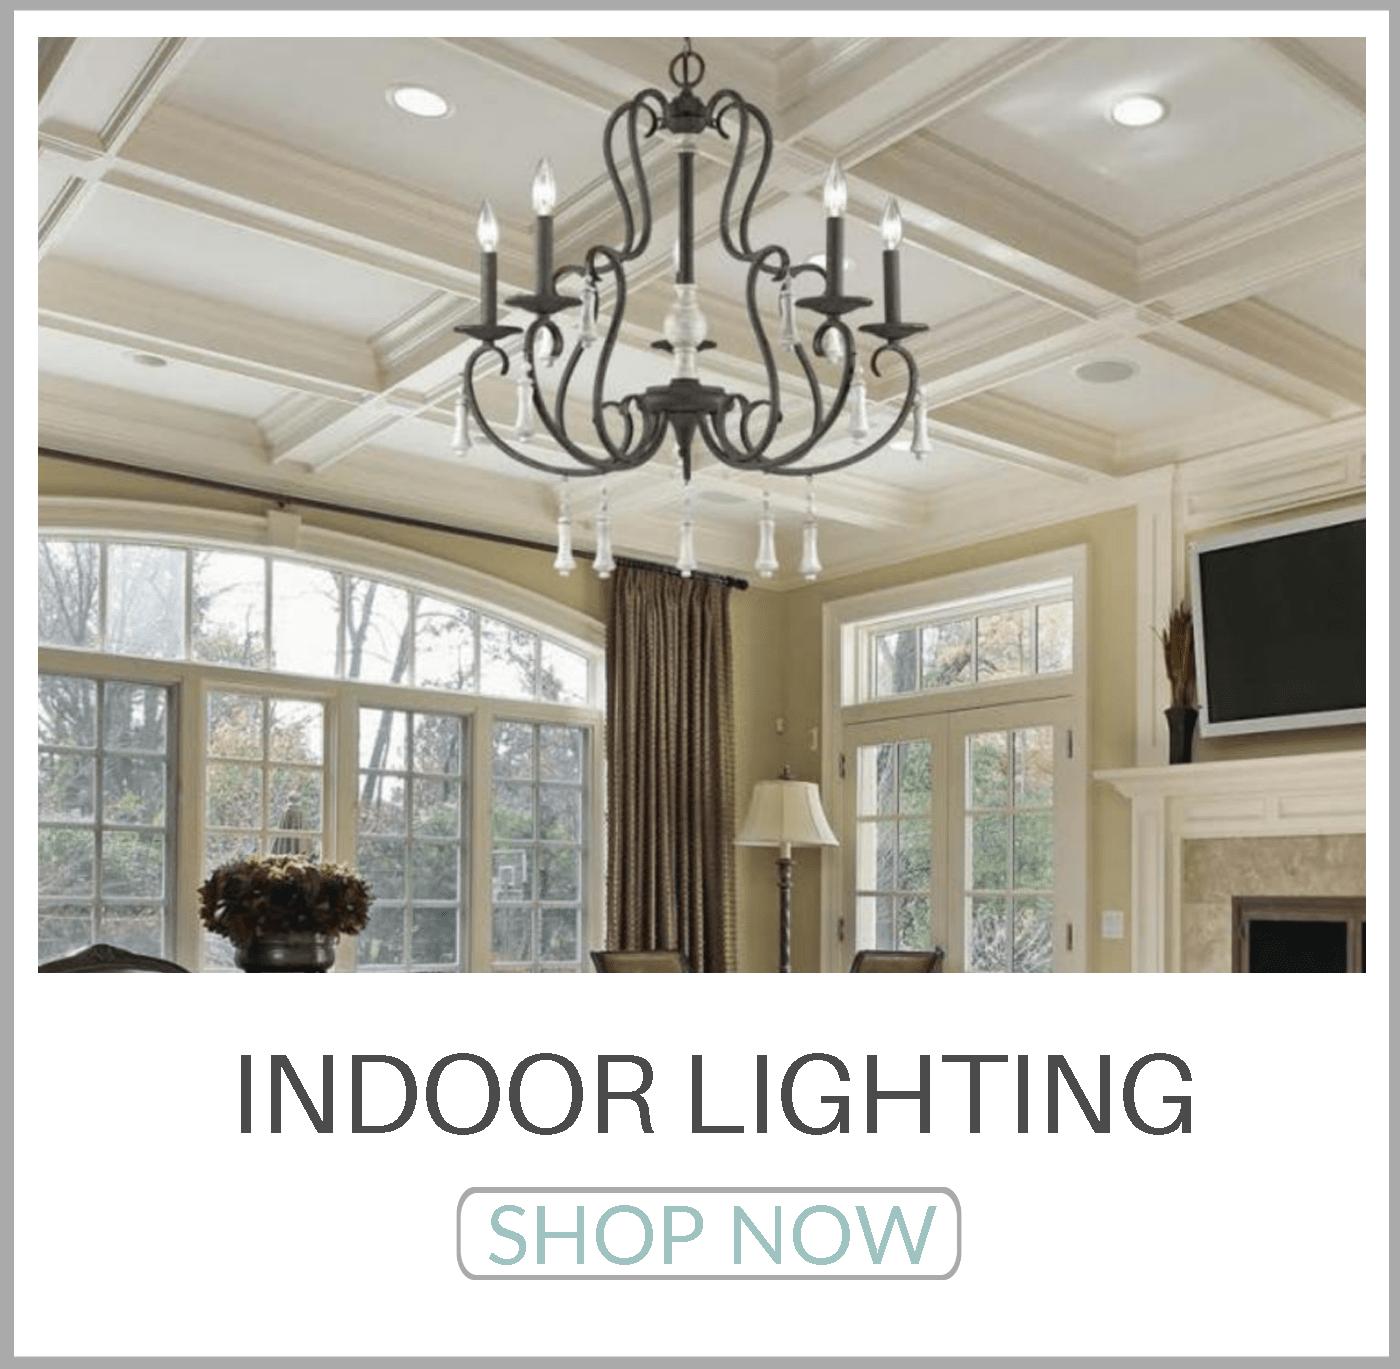 Indoor Lighting Category SHOP NOW